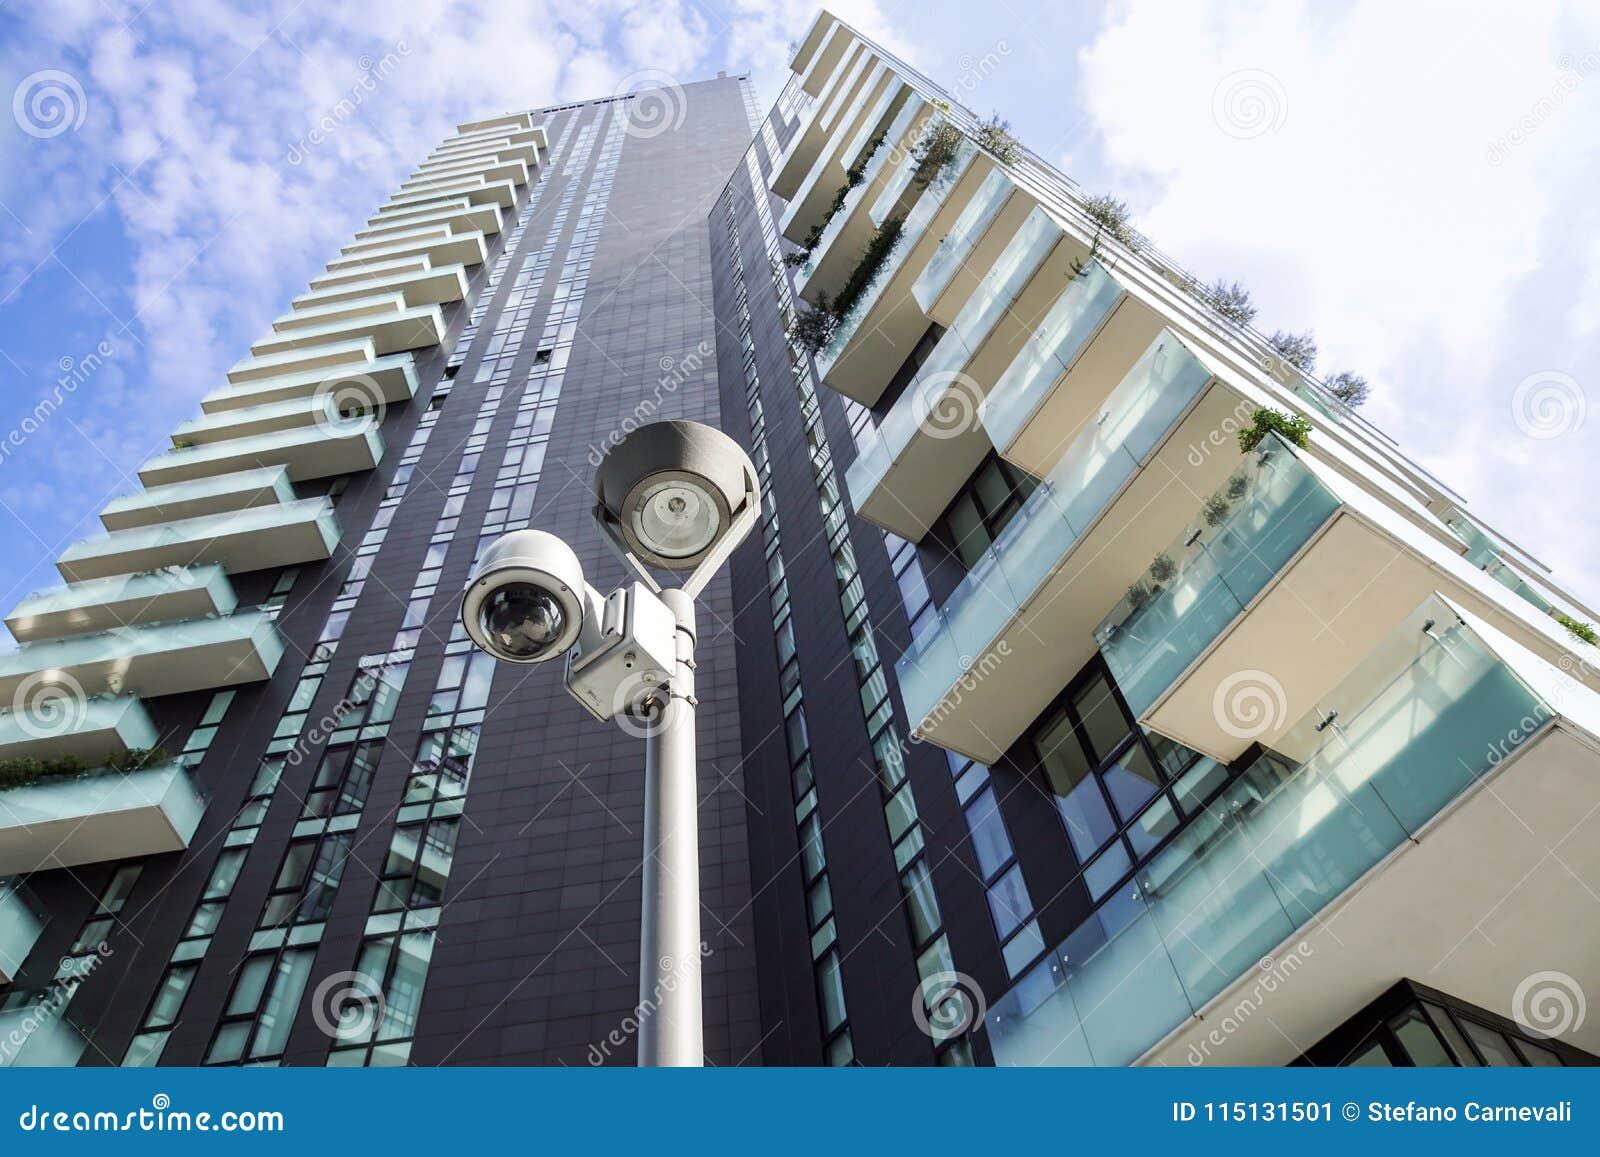 Milano Italien 22 juni 2017: SäkerhetsCCTV-kamera eller bevakningsystem i regeringsställning som bygger I moderna grannskapar det